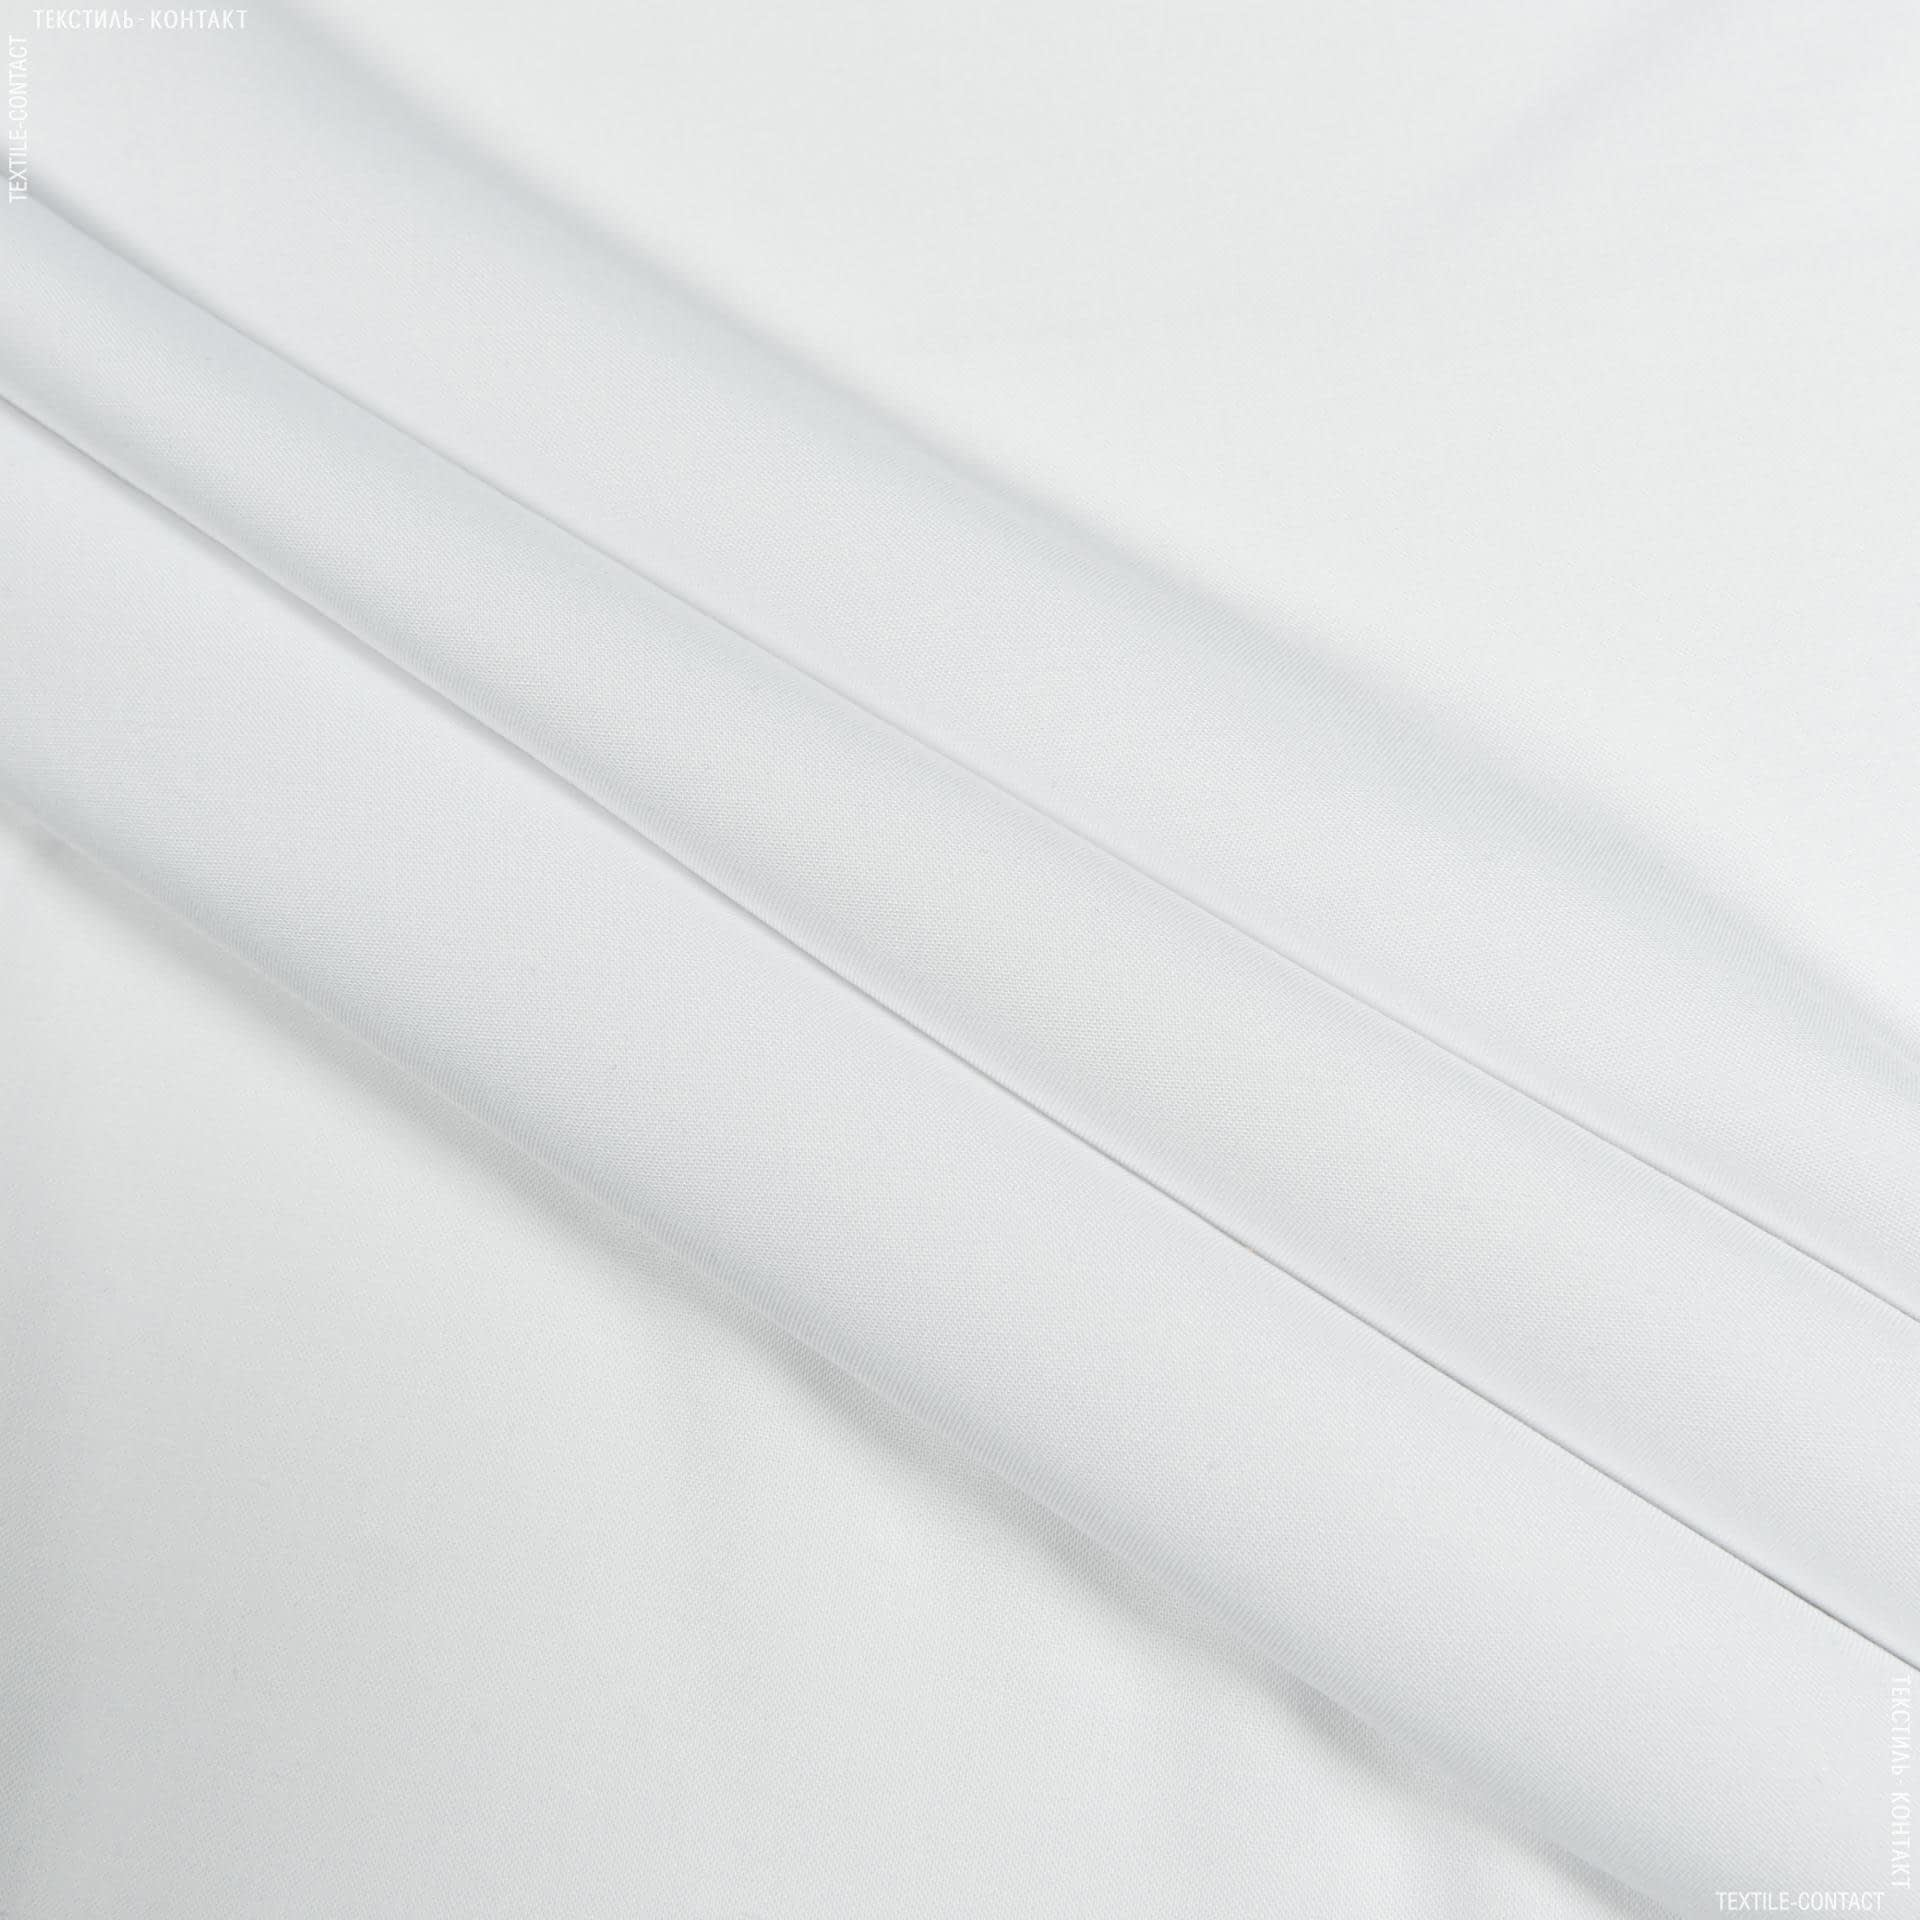 Ткани для детской одежды - Штапель фалма белый